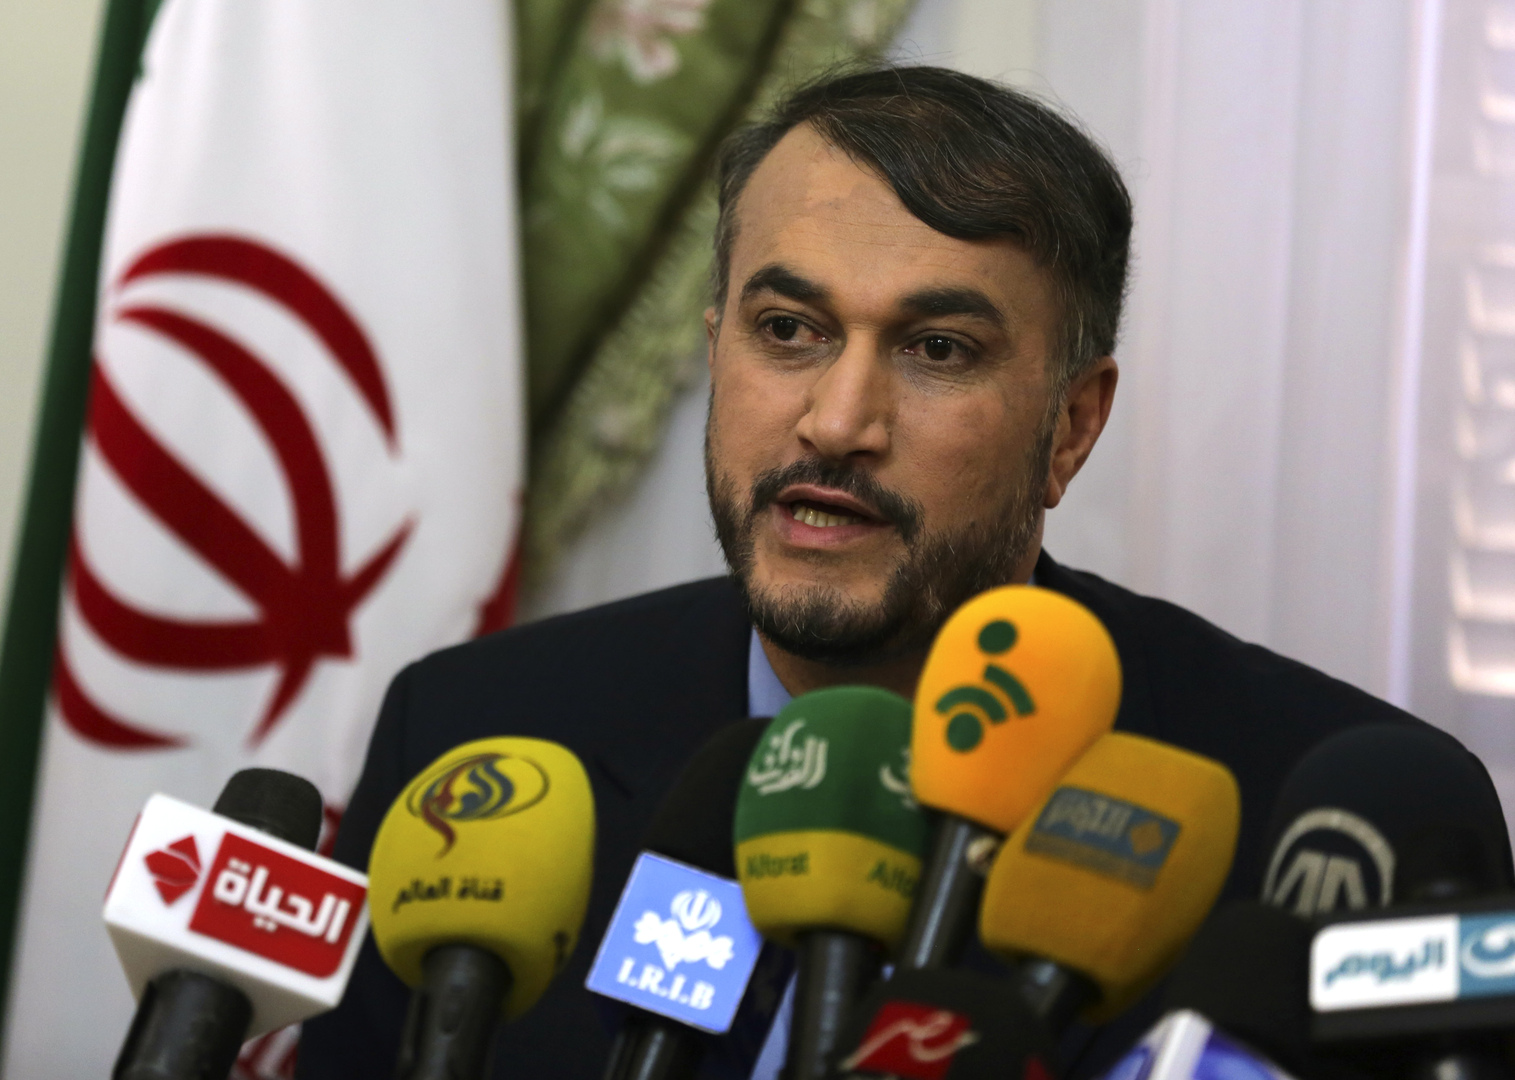 مساعد رئيس البرلمان الإيراني للشؤون الدولية حسين أمير عبداللهيان